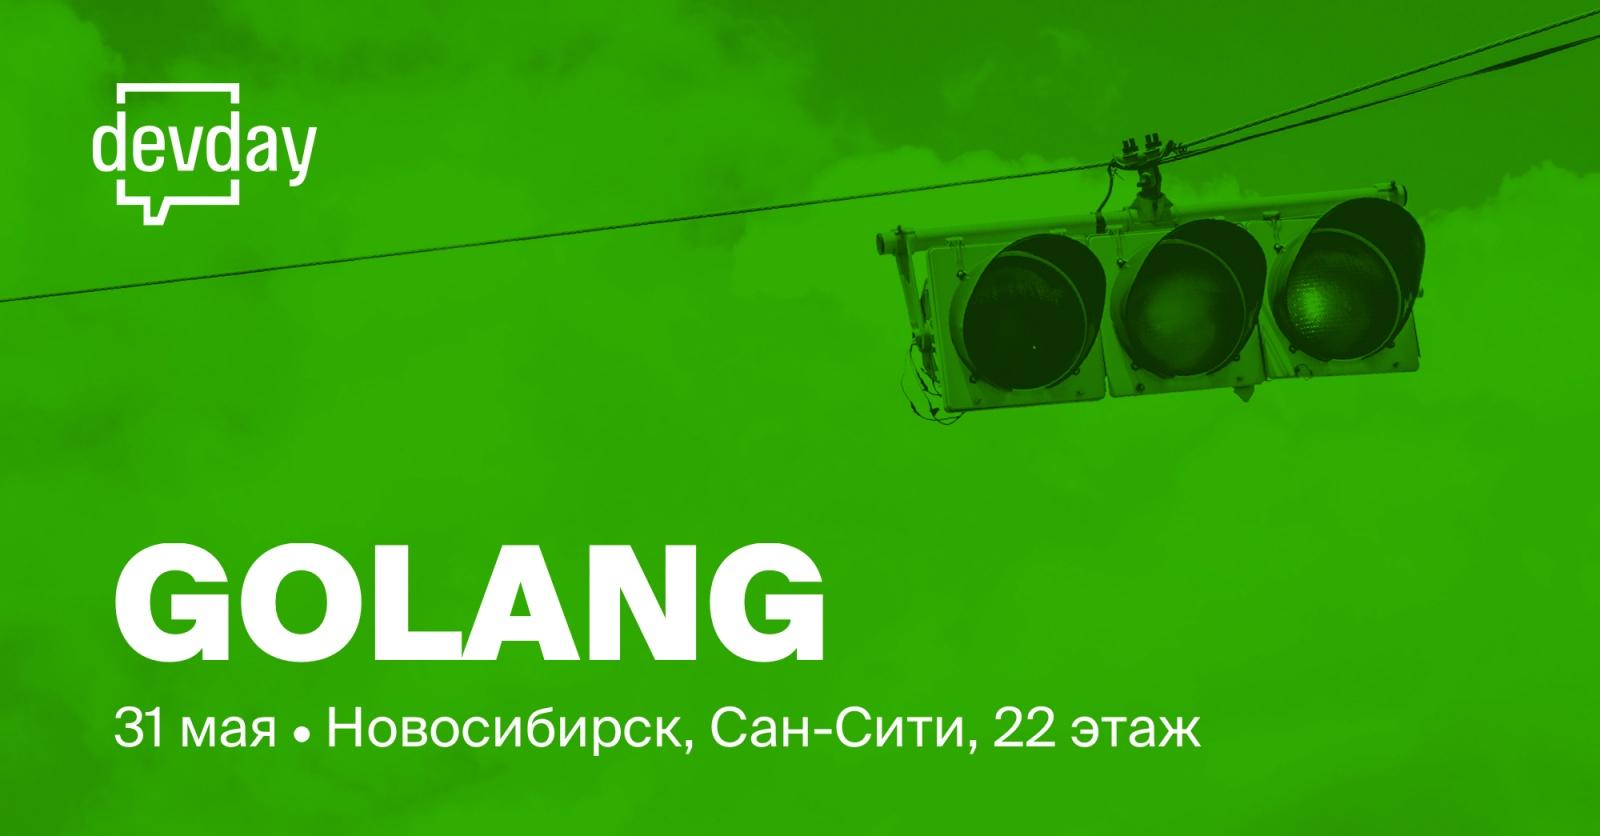 Golang DevDay: 31 мая, Новосибирск + трансляция - 1